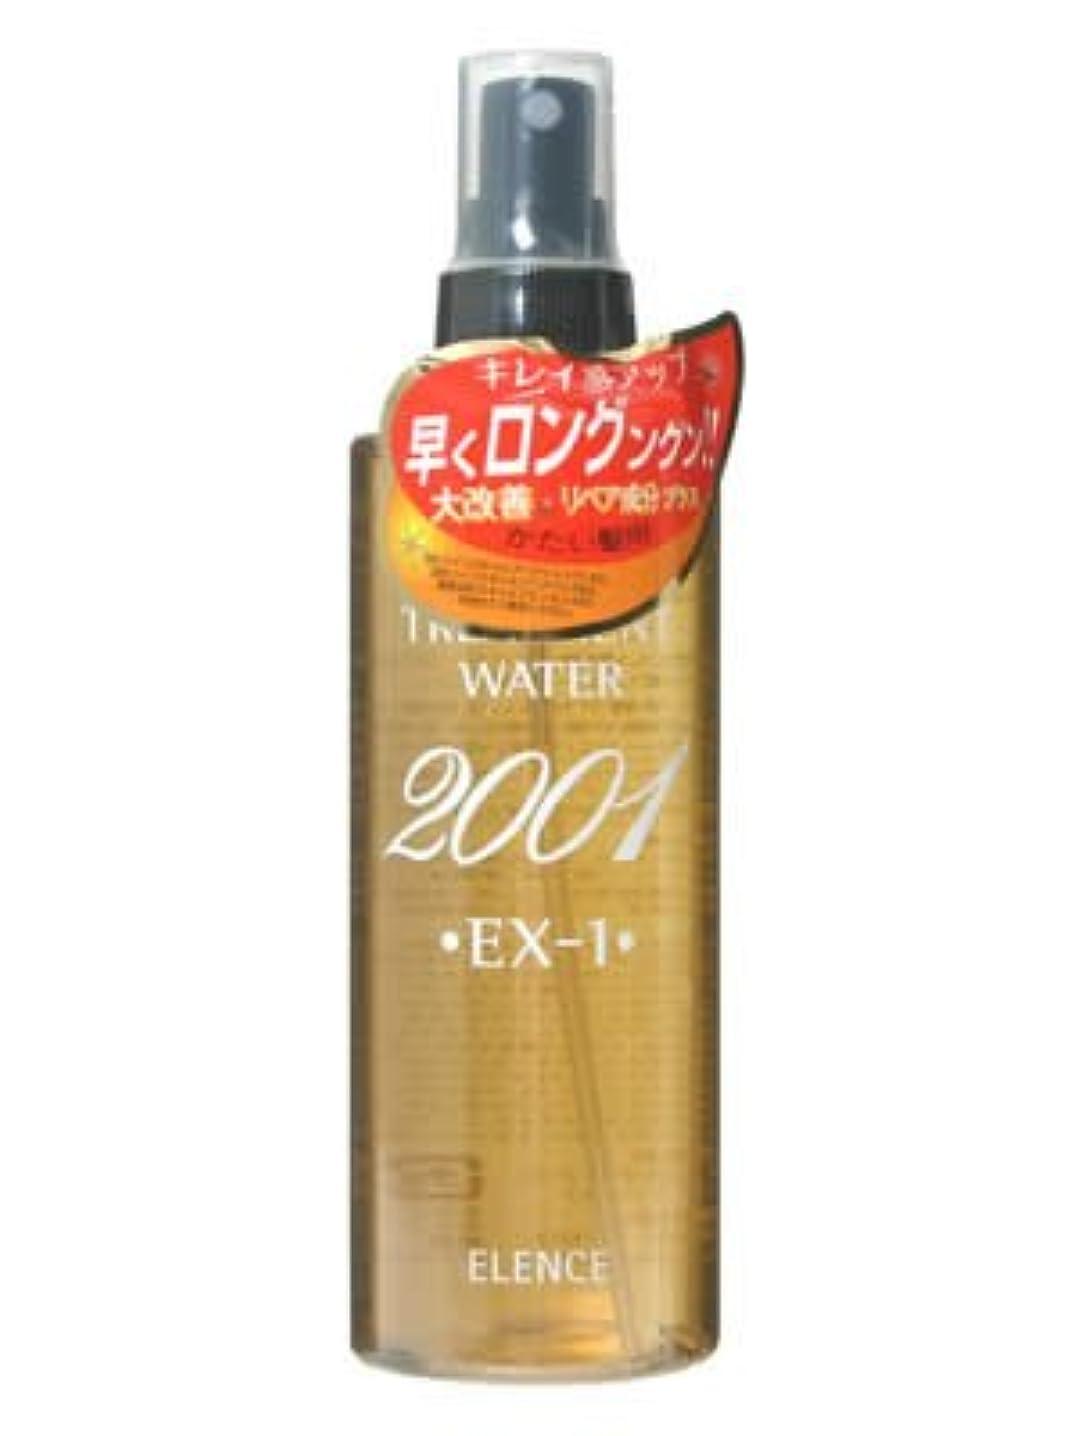 単位ええ敷居エレンス2001 スキャルプトリートメントウォーターEX-1(かたい髪用)